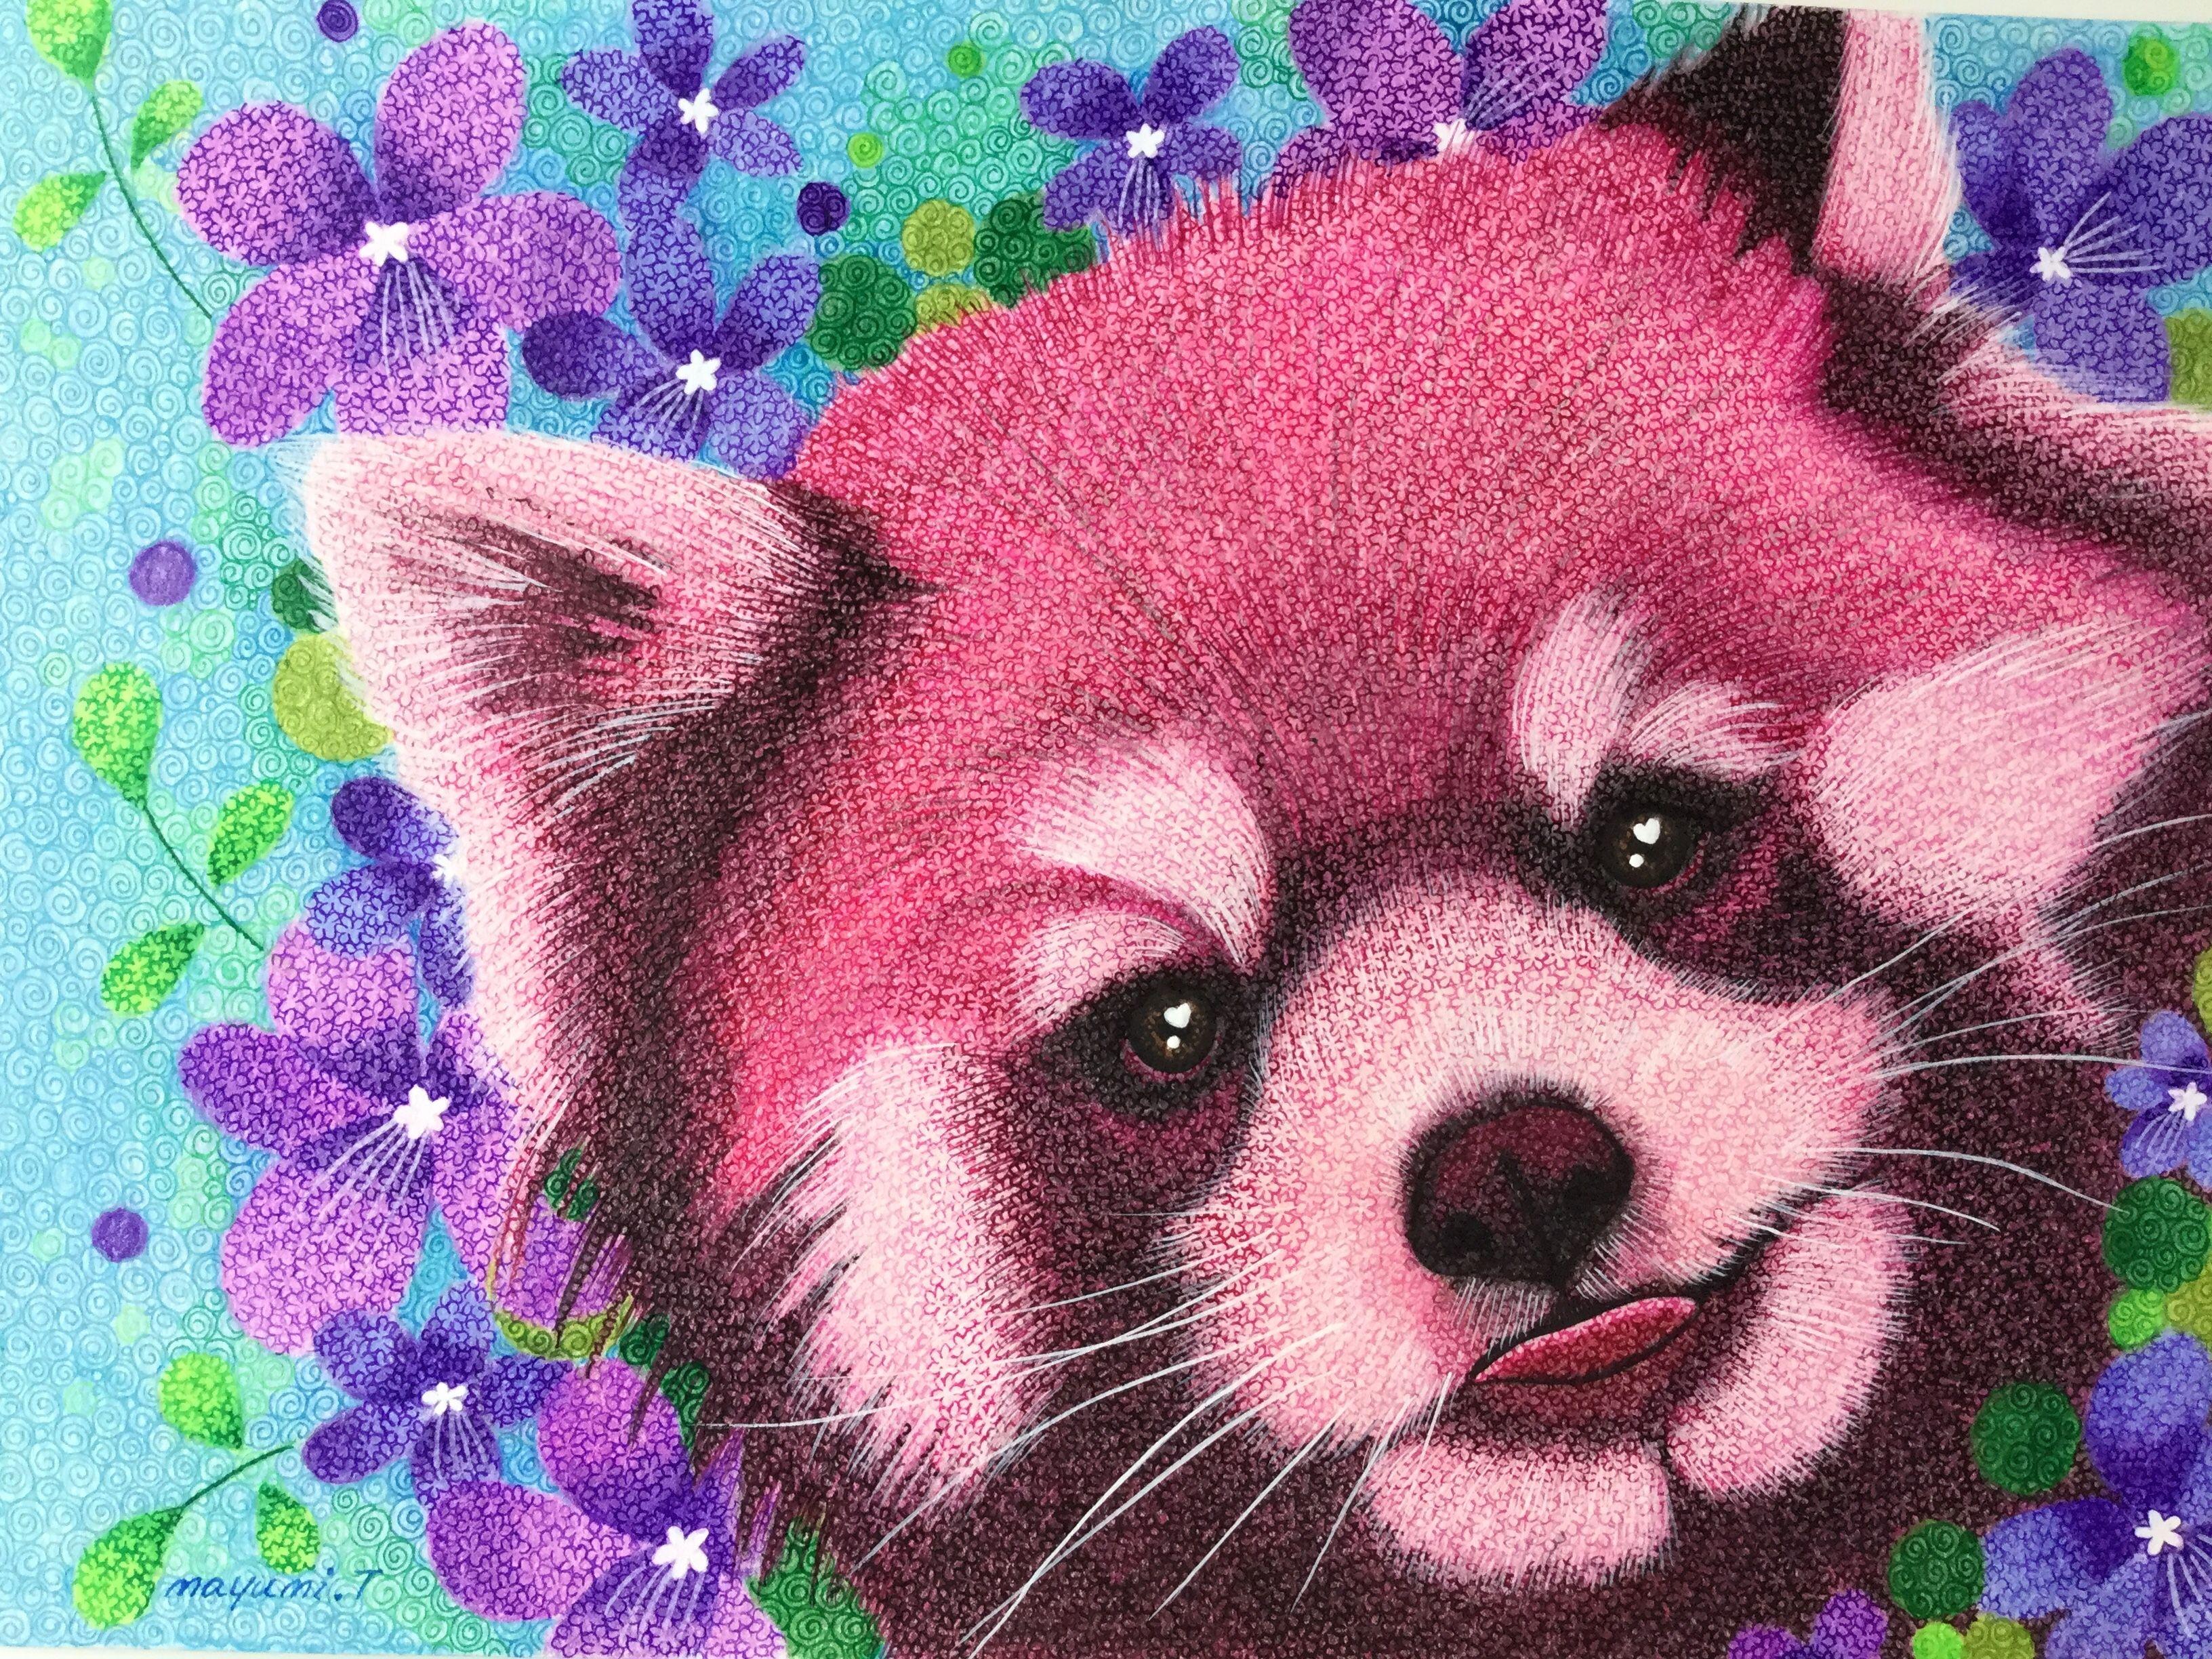 美しい動物たち おしゃれまとめの人気アイデア Pinterest Hanamoyo Mayumi 美しい動物 アート作品 現代アート